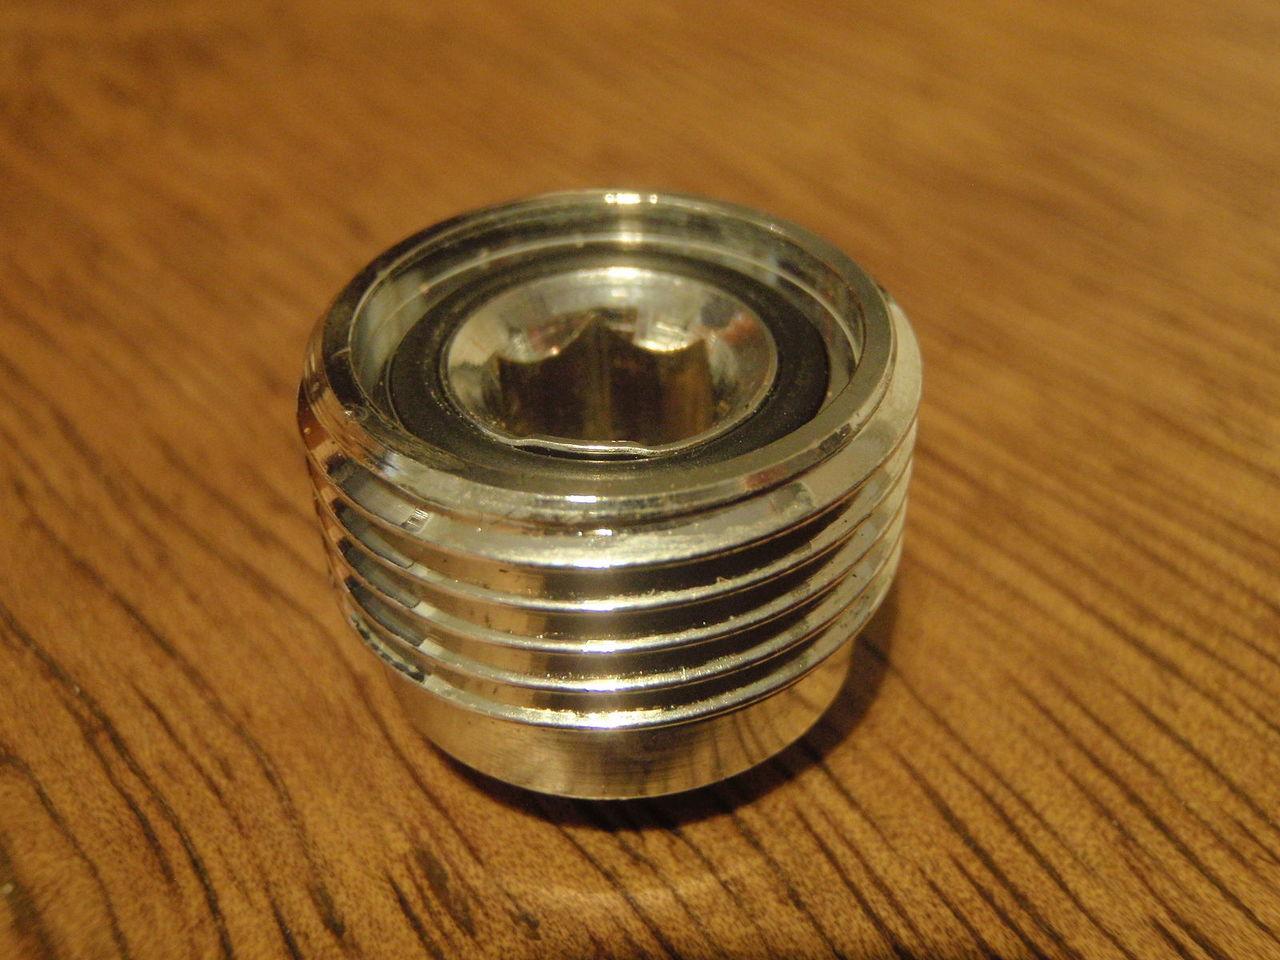 A metal insert